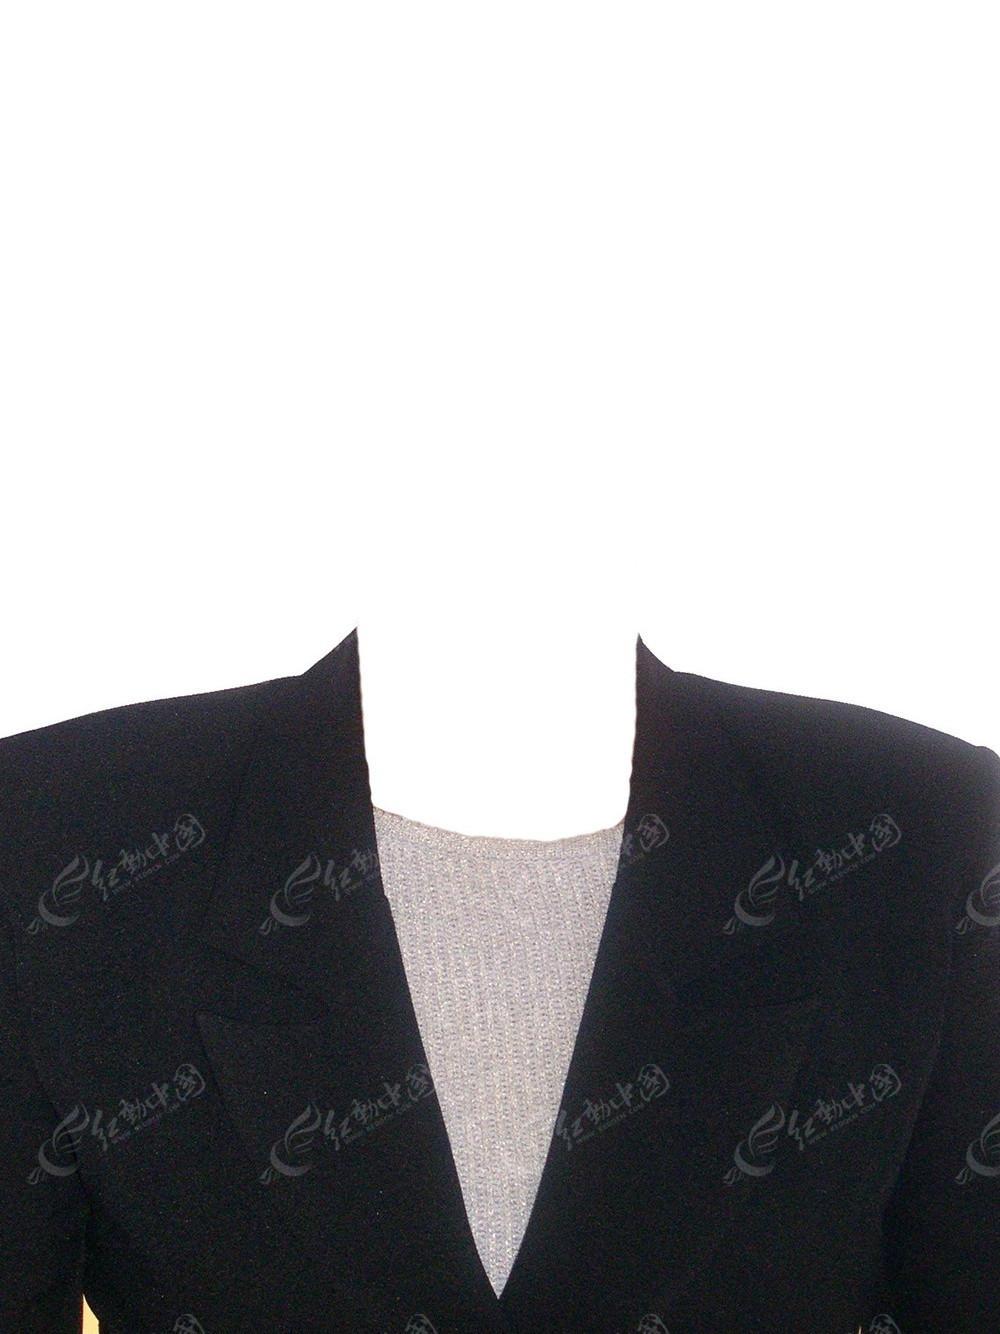 西装女士证件照图片